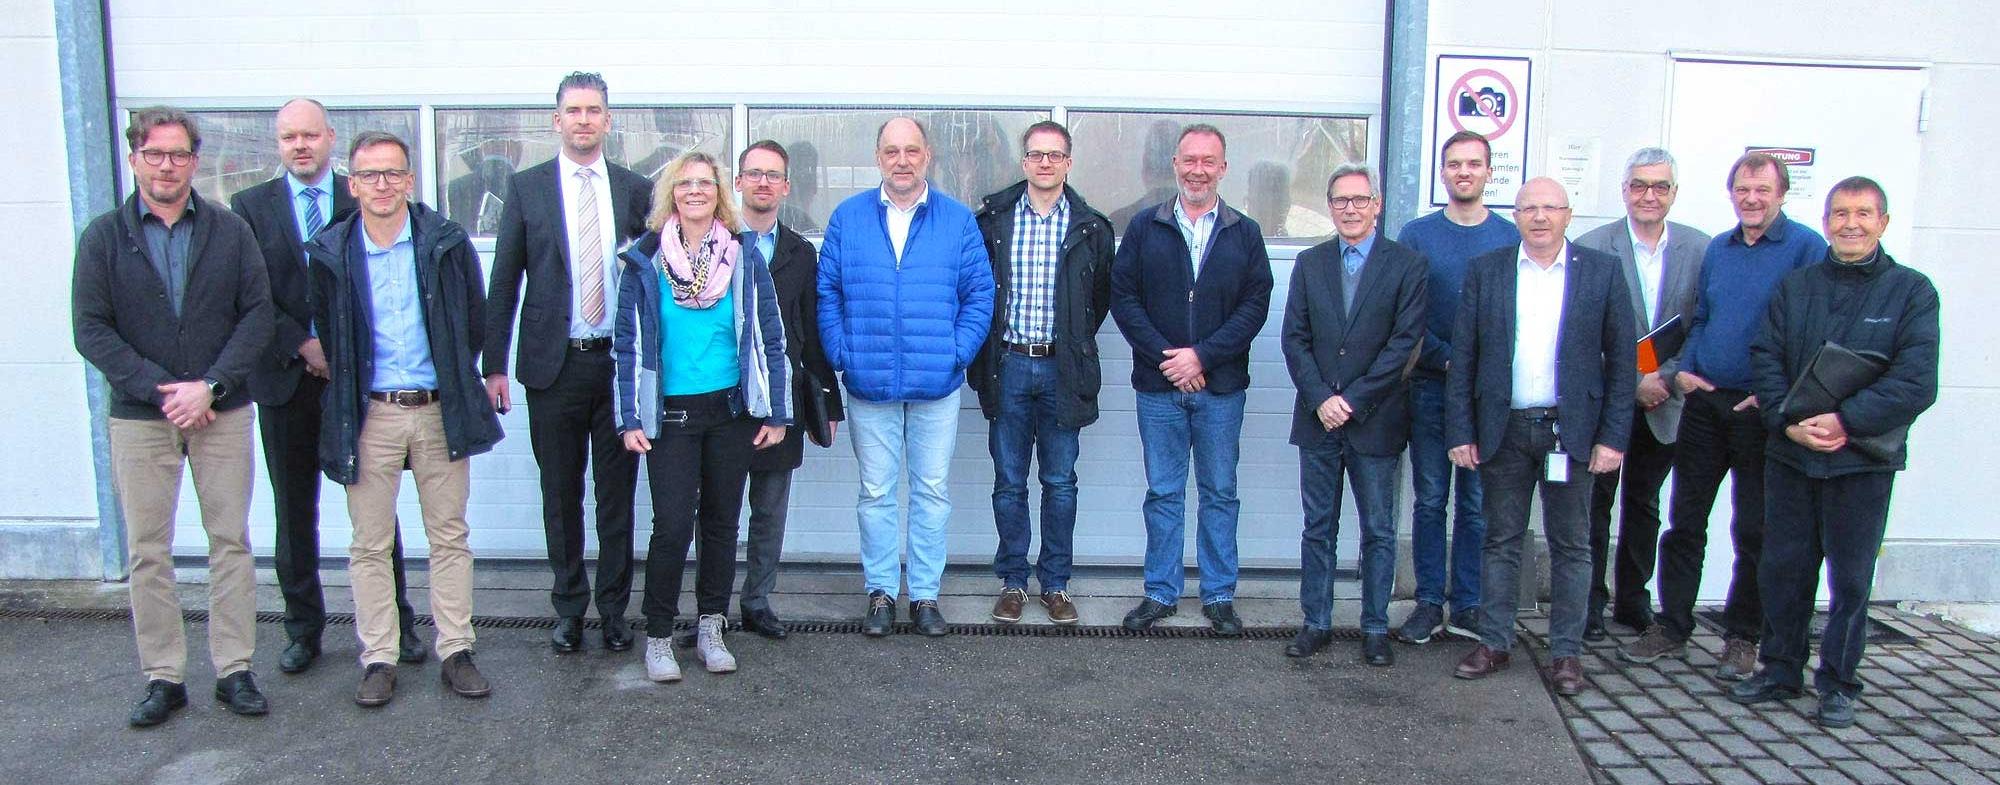 Teilnehmer des Steinhardt VDI-Unternehmerforums